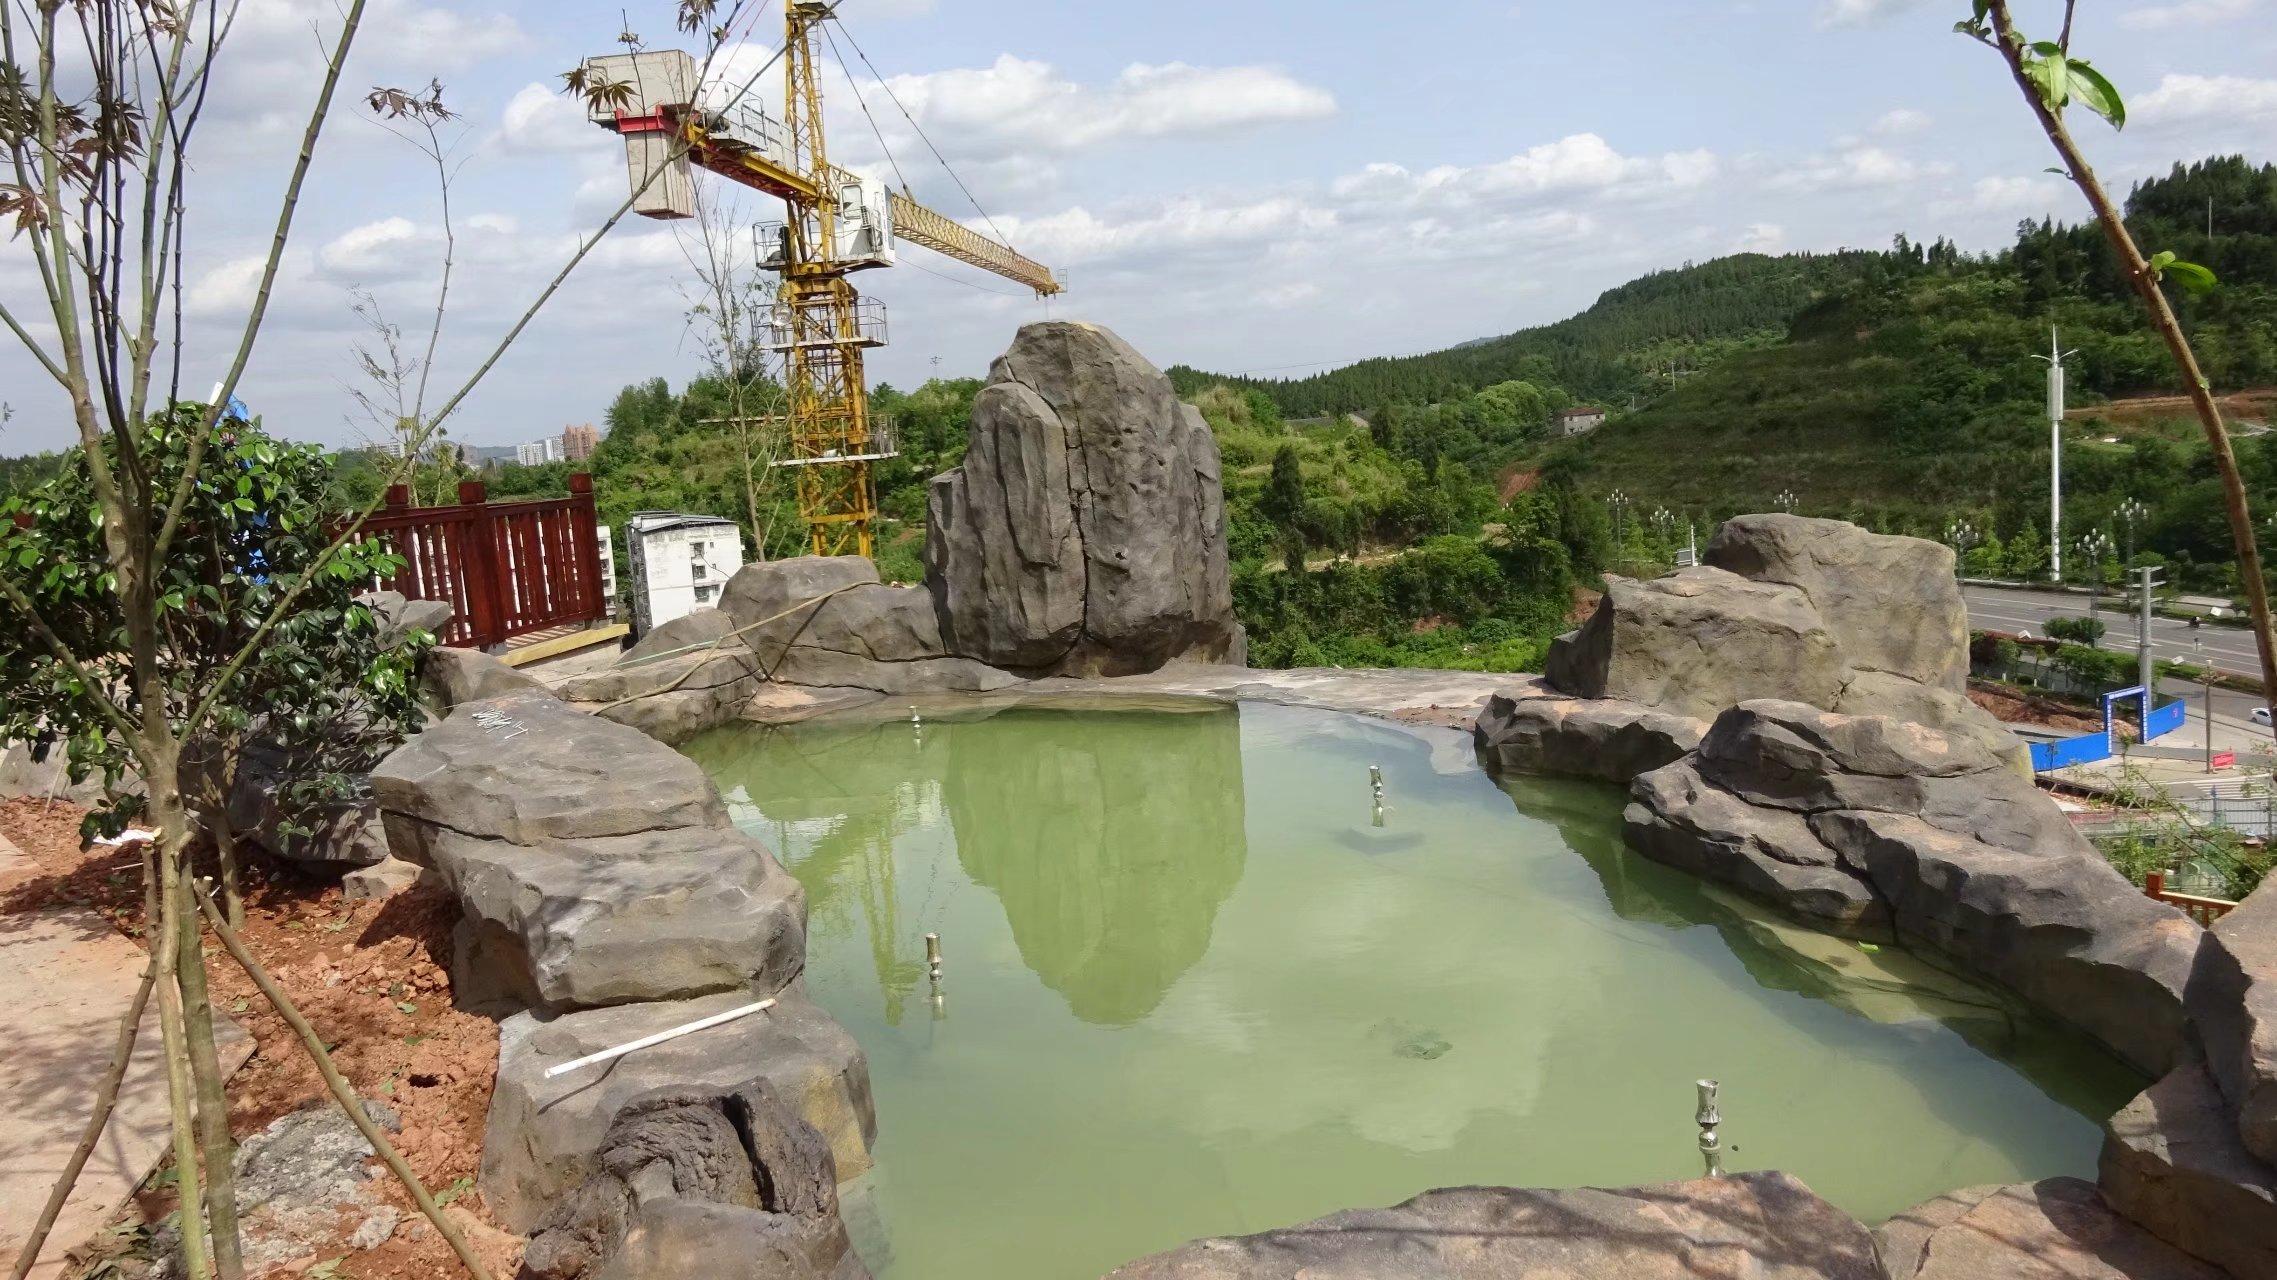 蓬安桑梓火锅公园施工进度(2018-05-10) - 第25张  | 蓬安在线